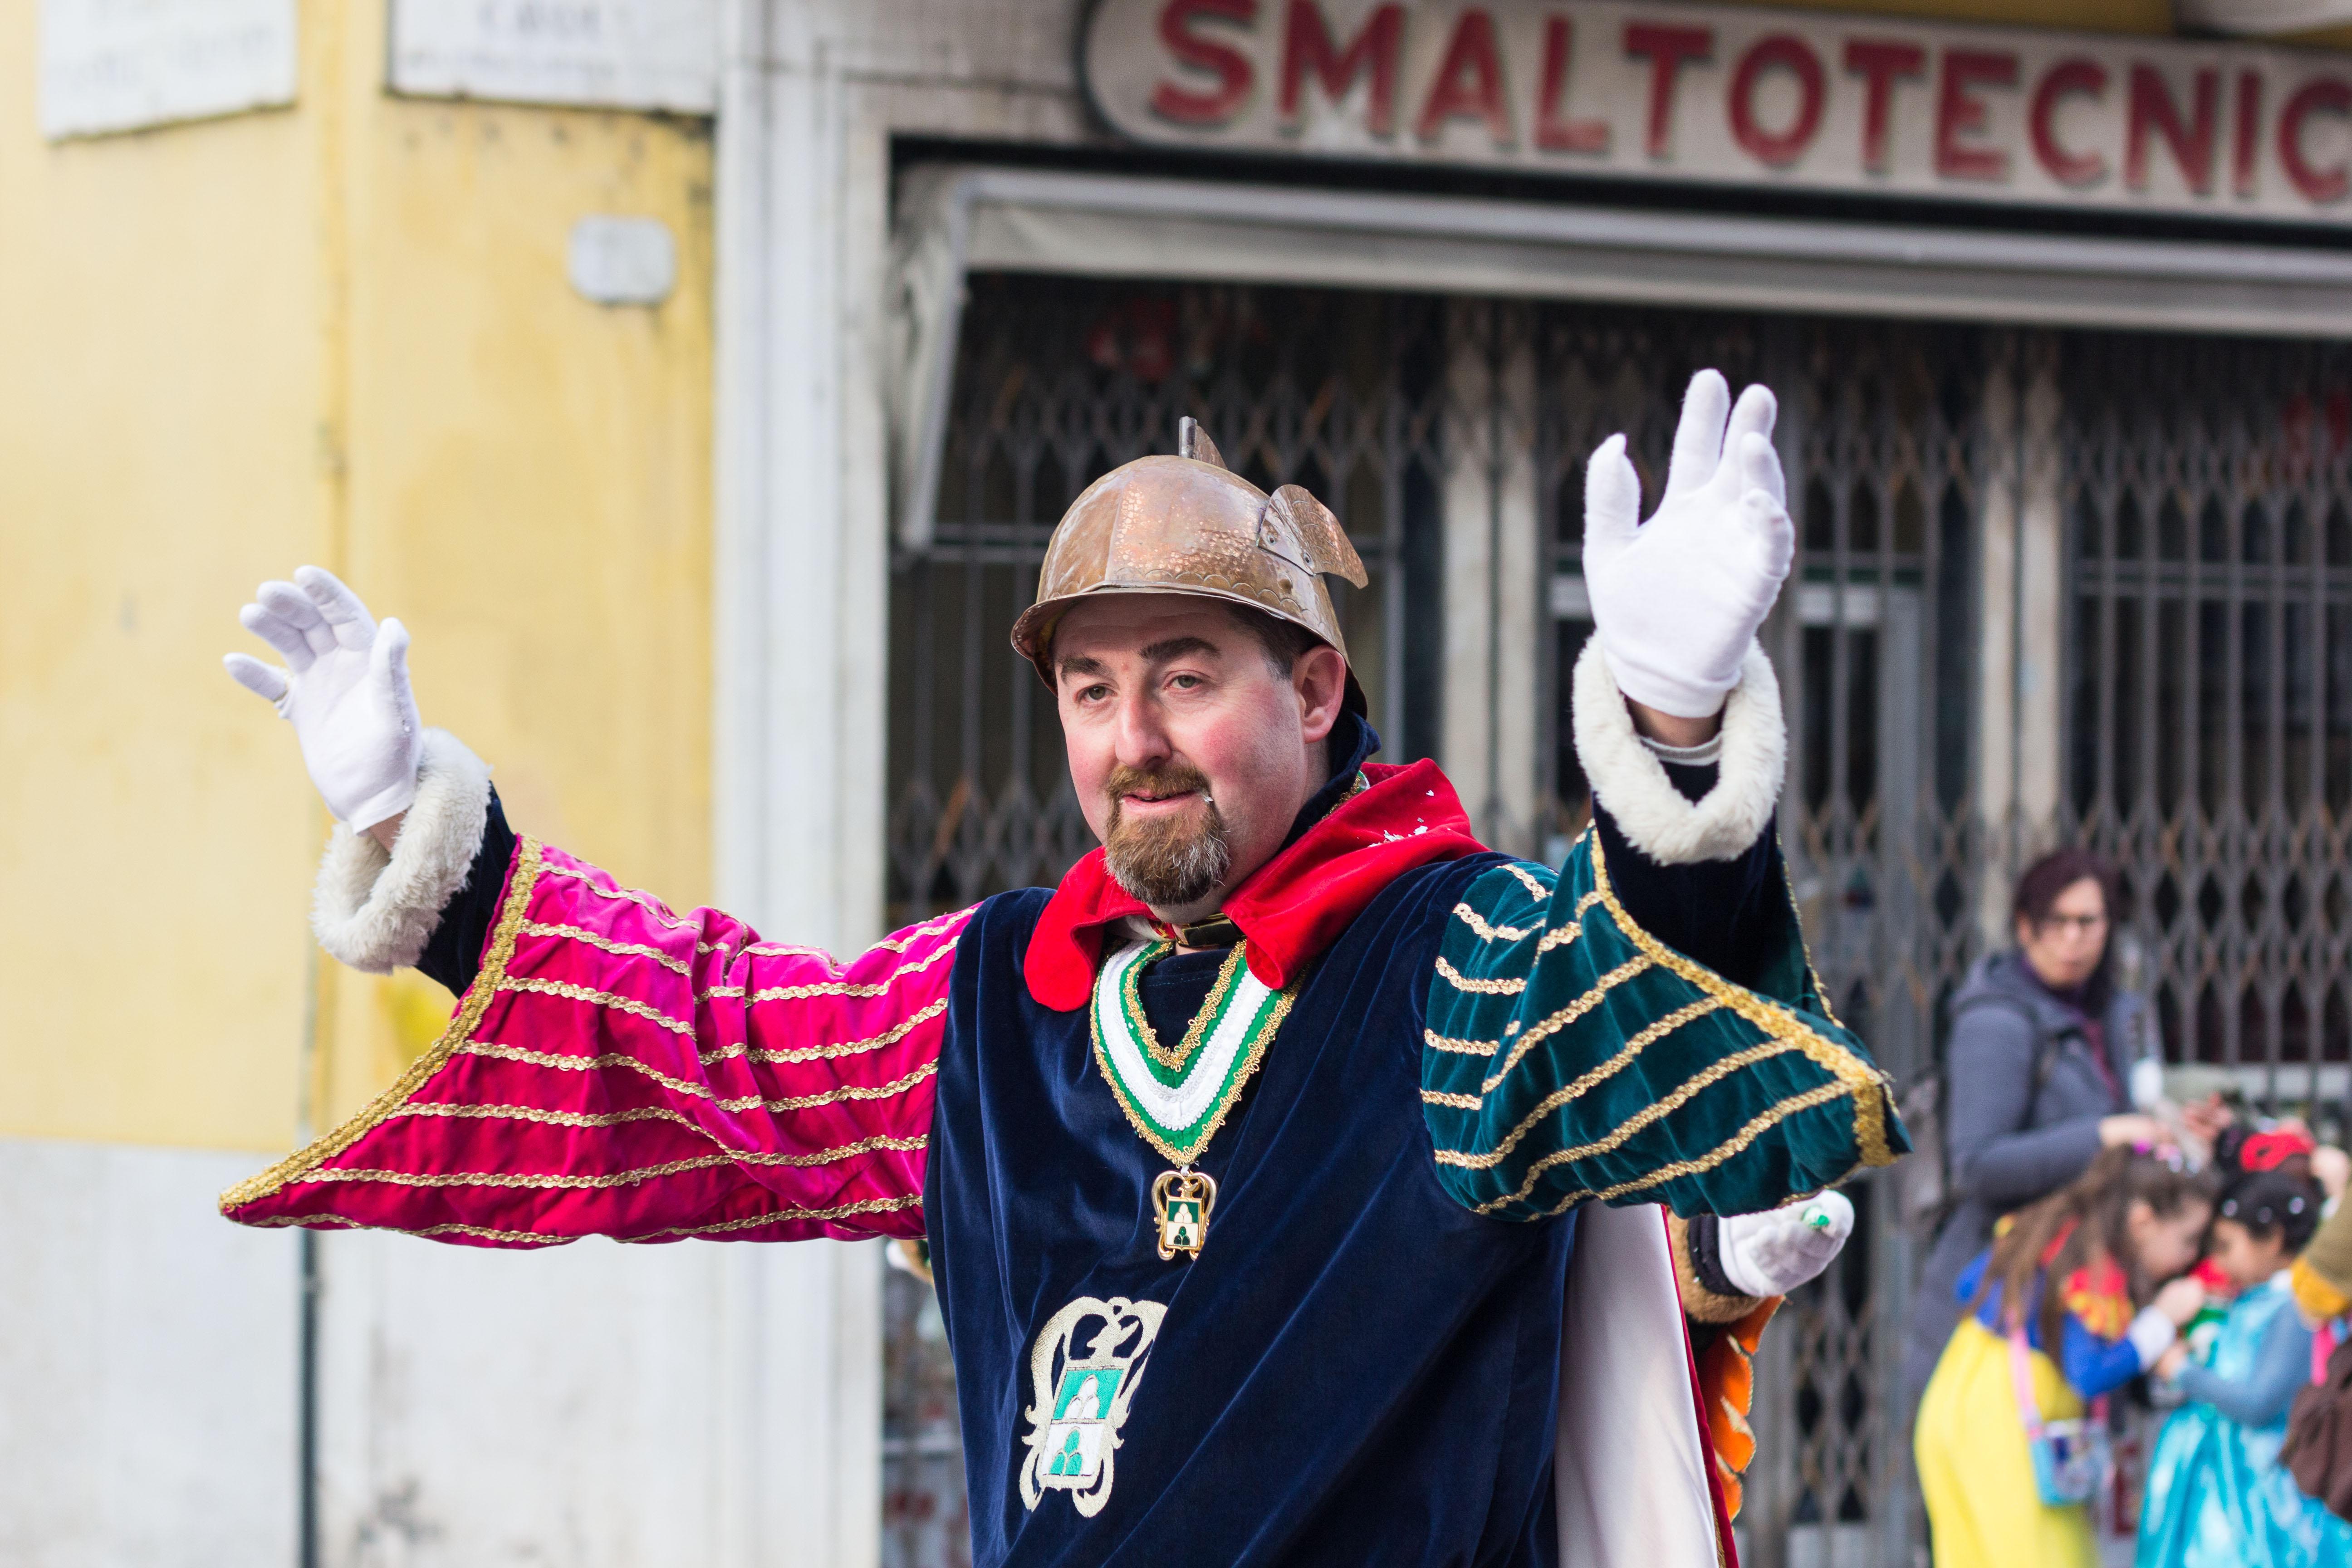 CarnevaleVerona2019-18